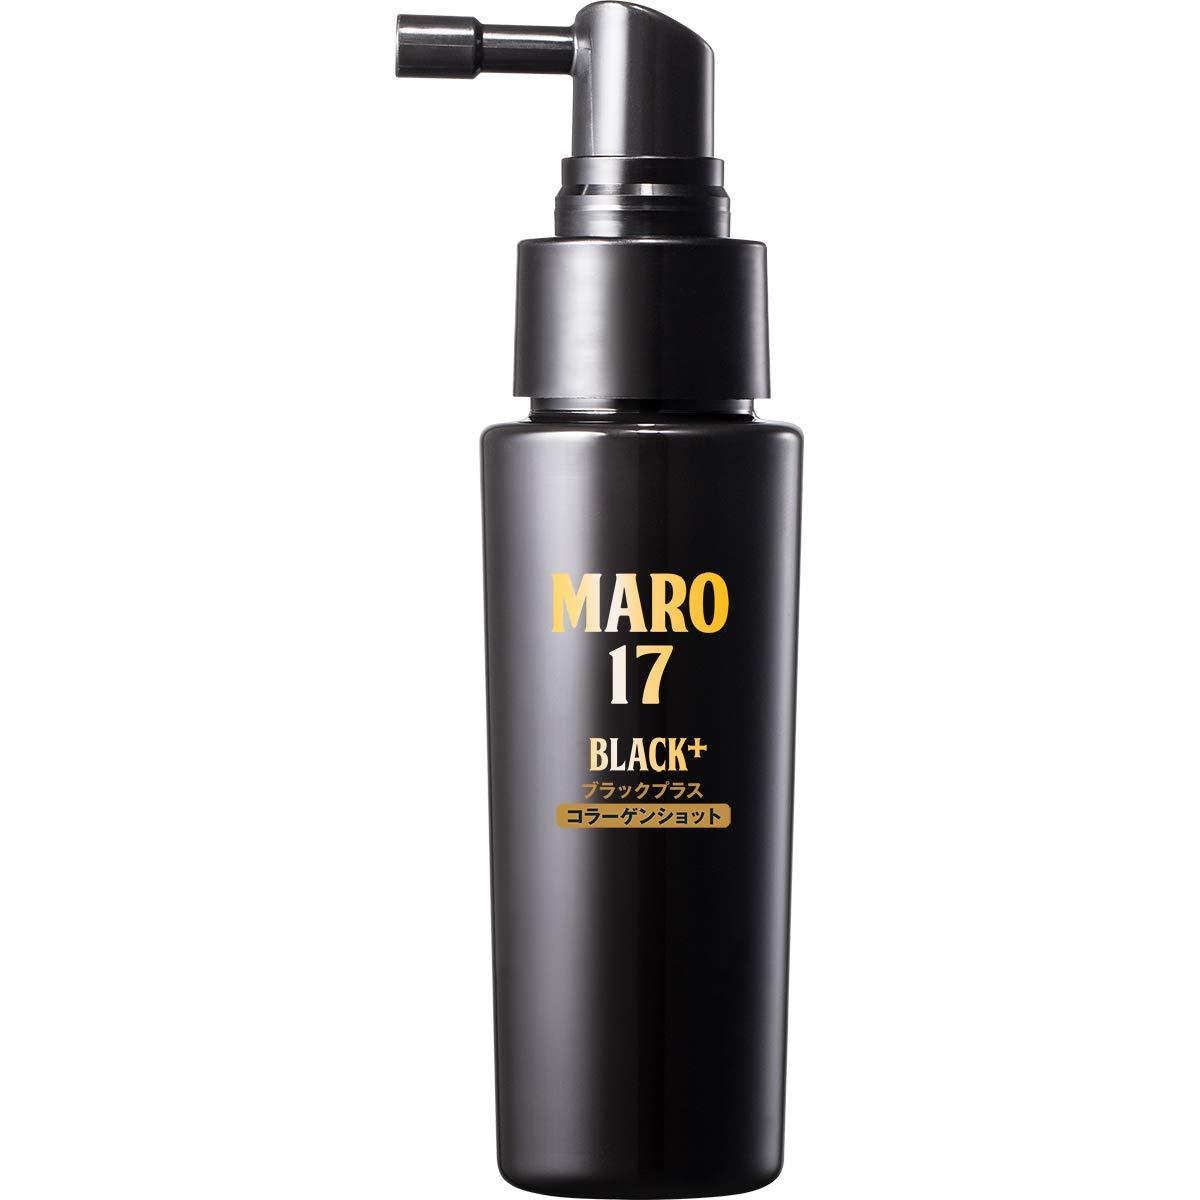 MARO17 ブラックプラス コラーゲンショット